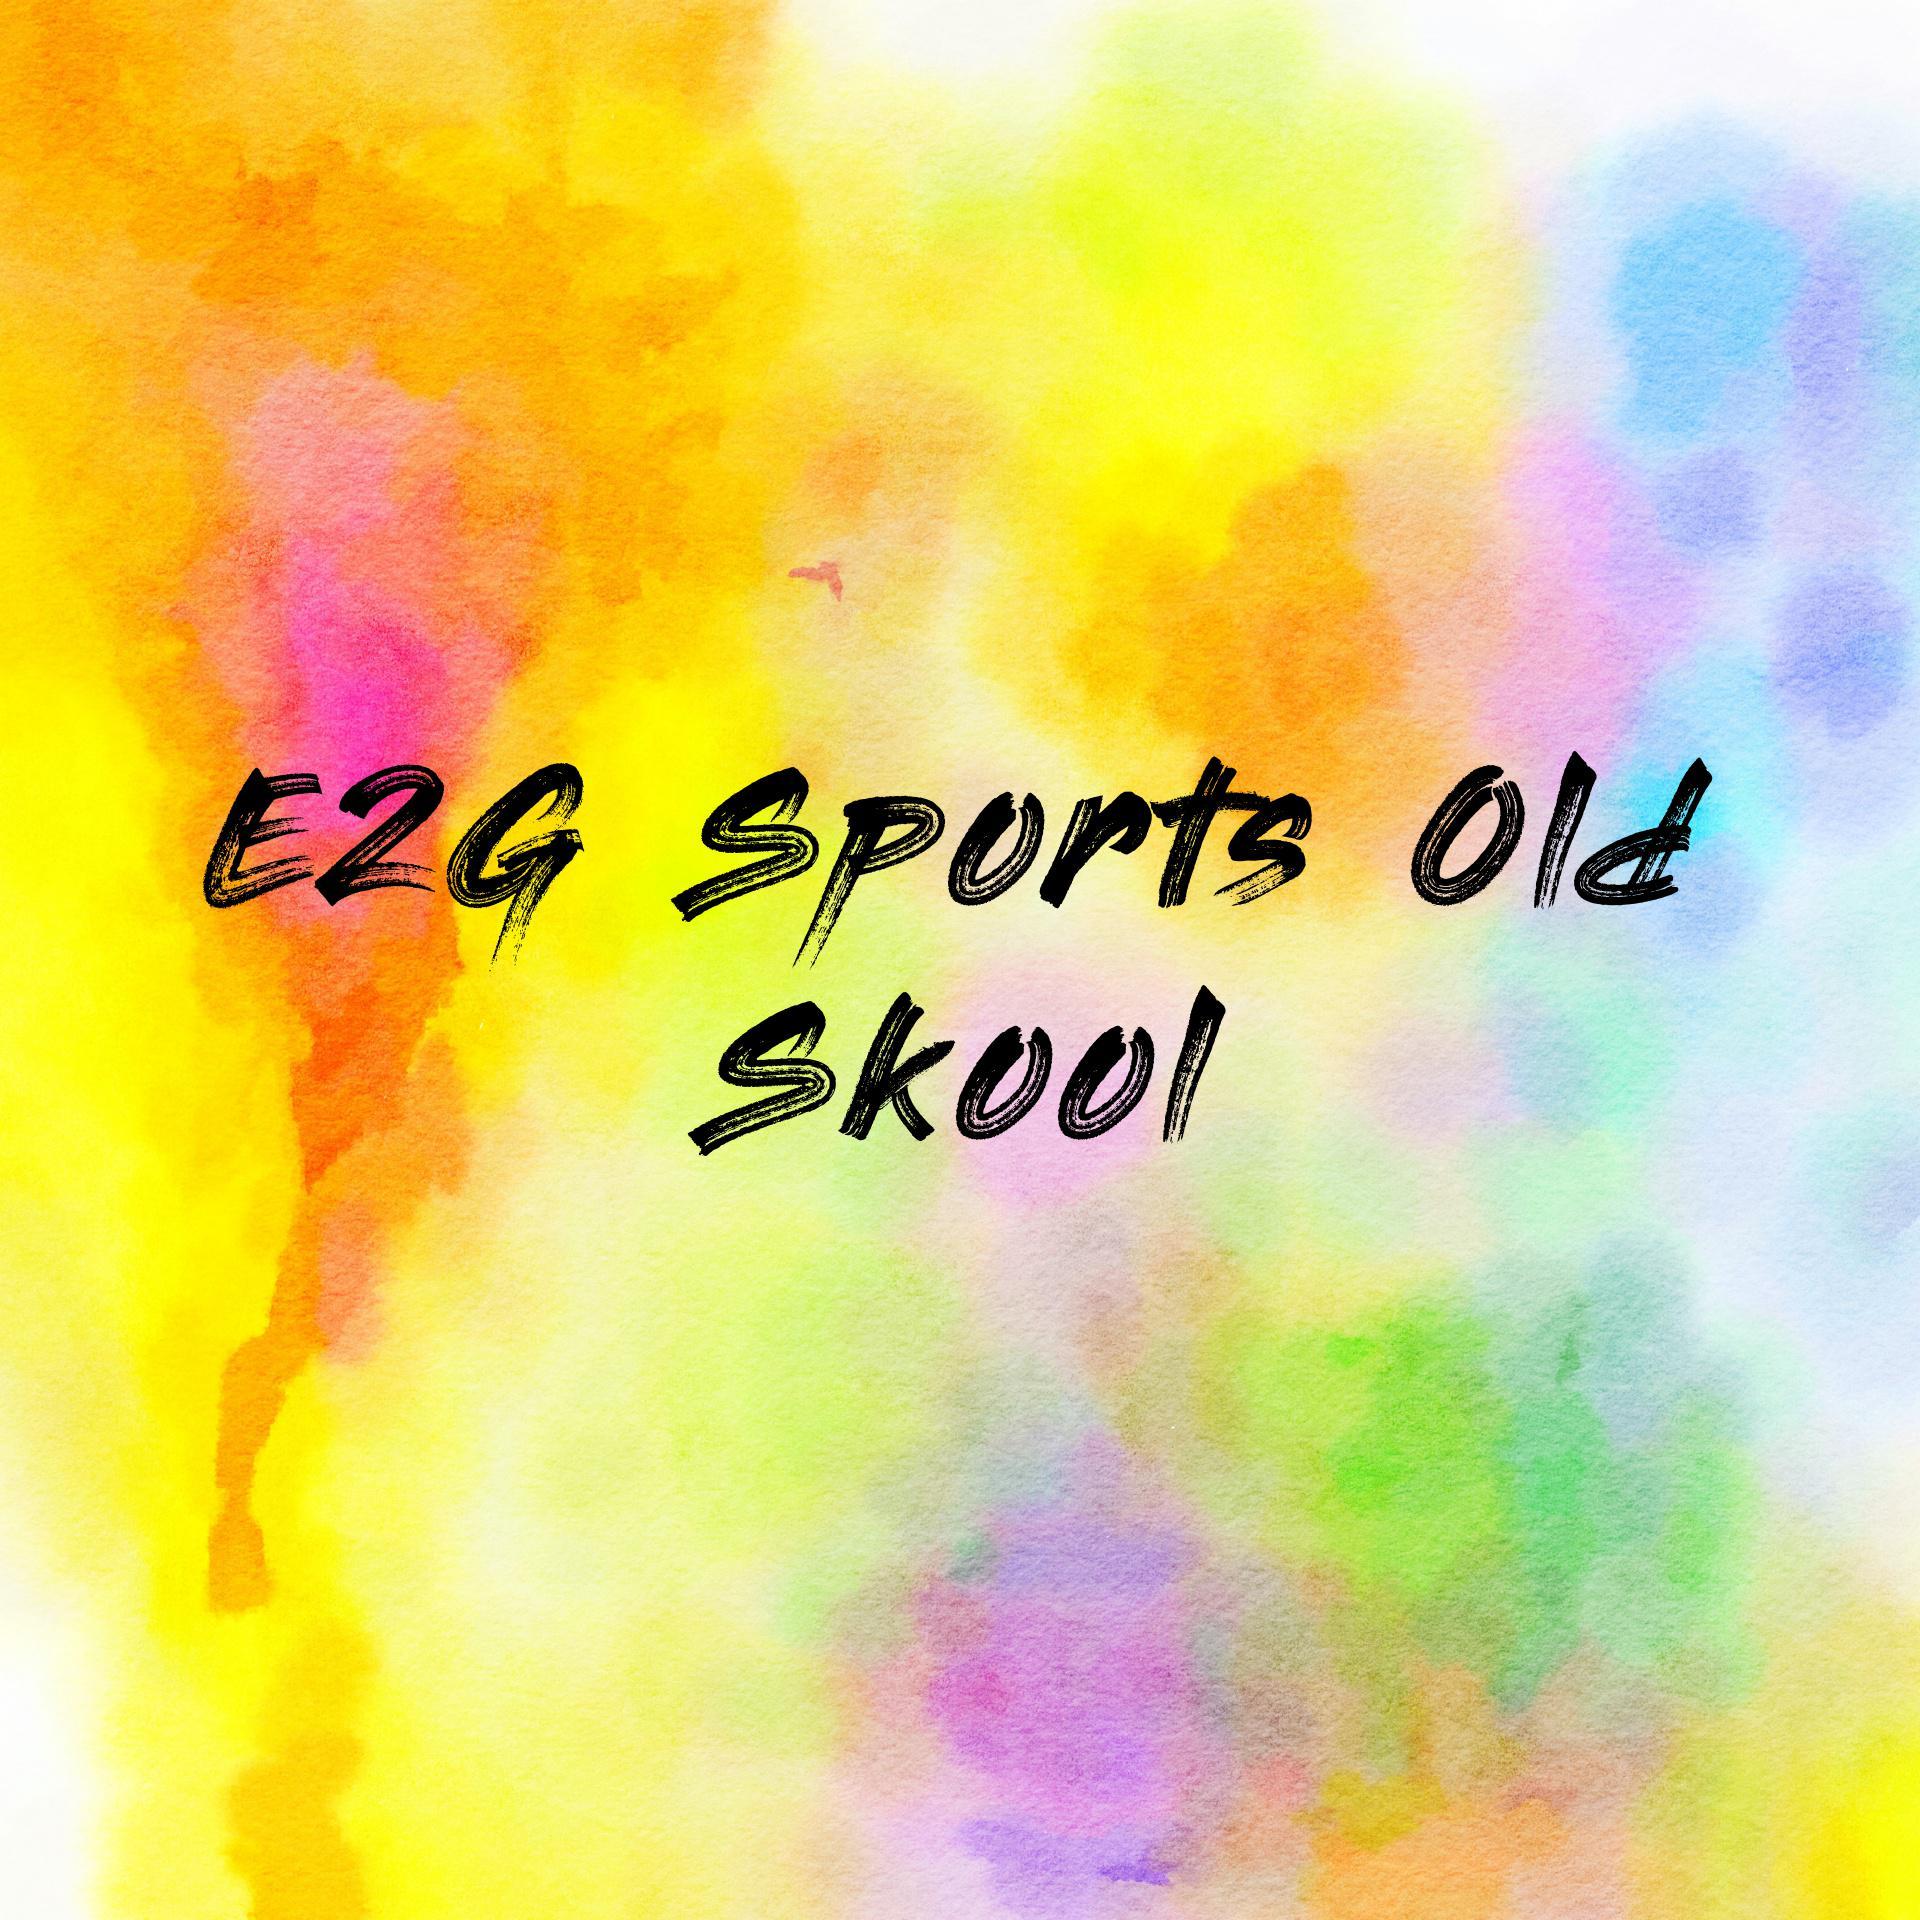 E2G Sports Old Skool